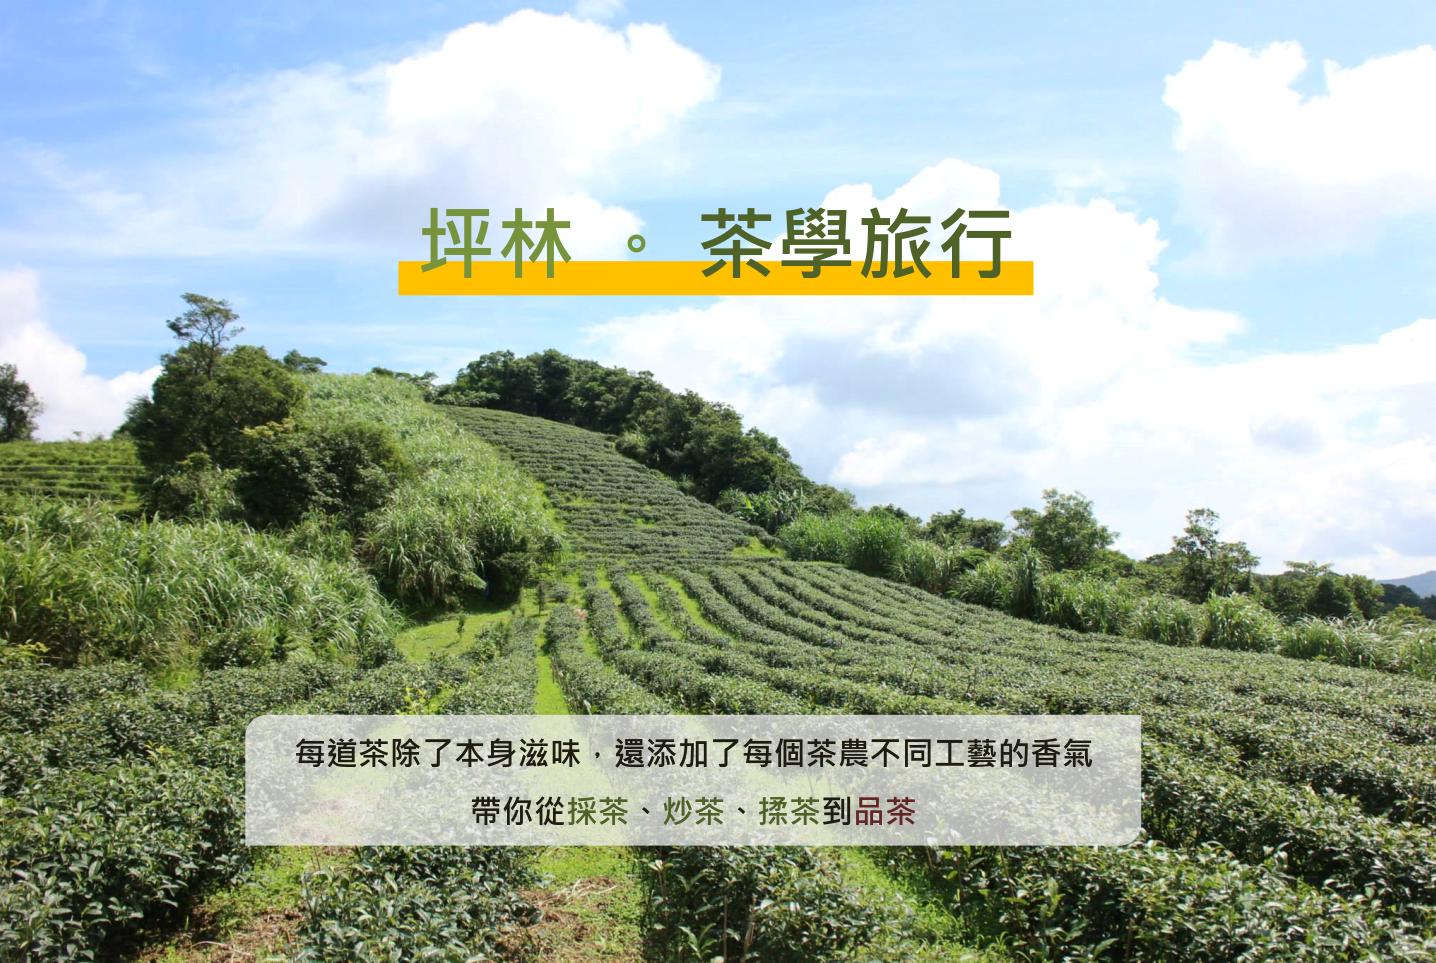 【台灣藍鵲茶×多扶假期】茶學小旅行-採茶、炒茶、揉茶、品茶